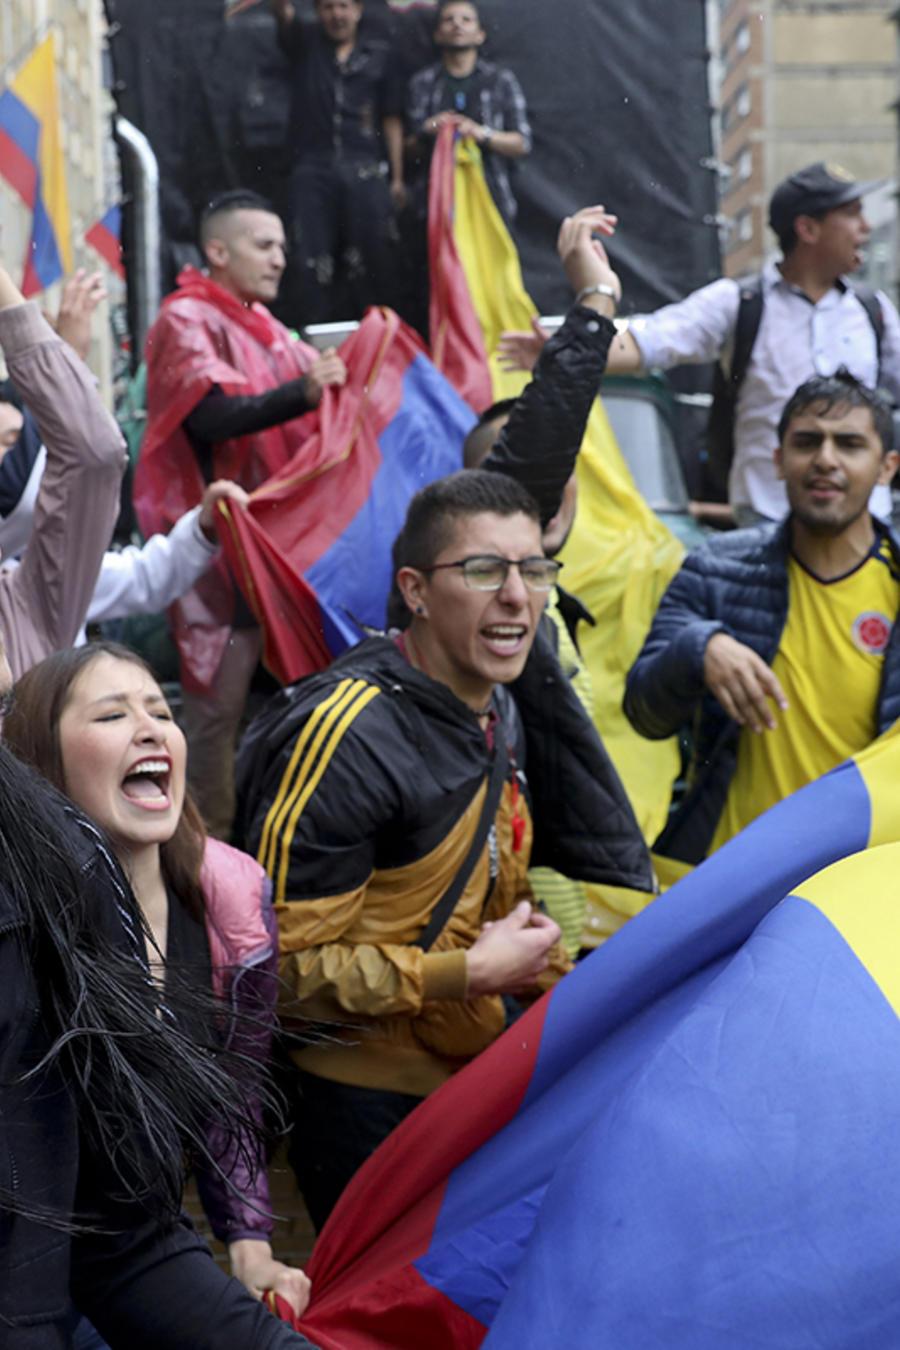 Los estudiantes se reúnen durante una huelga nacional en la plaza Bolívar en el centro de Bogotá, Colombia, el jueves 21 de noviembre de 2019.